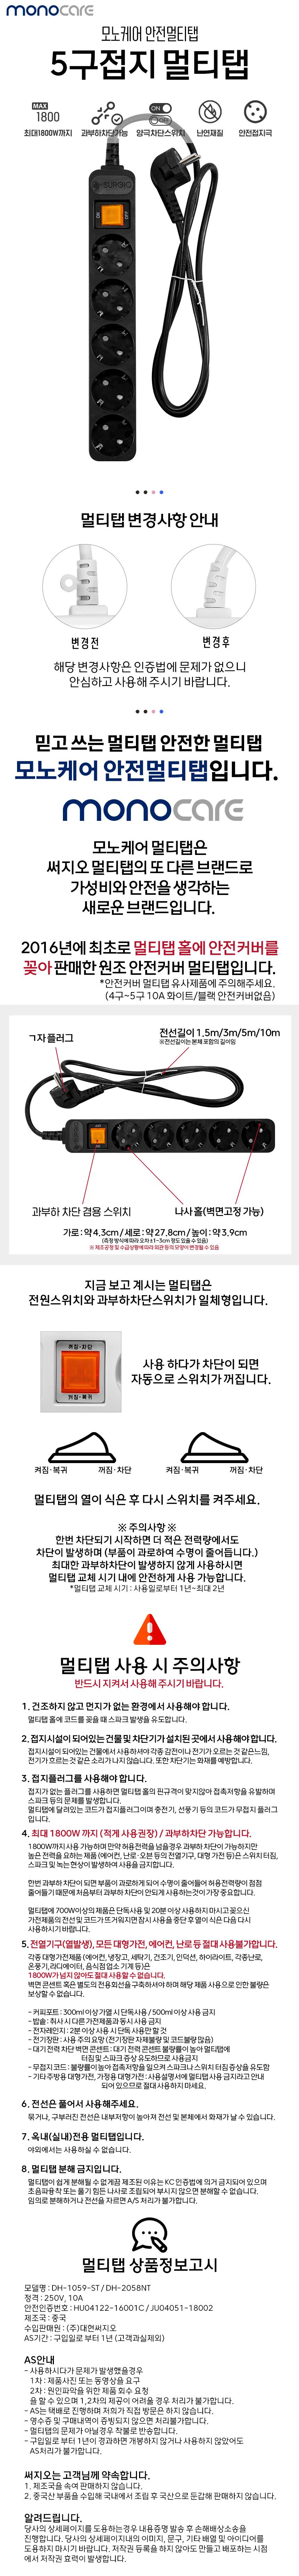 대현써지오 대현써지오 모노케어 5구 10A 메인 스위치 멀티탭 블랙 (1.5m)